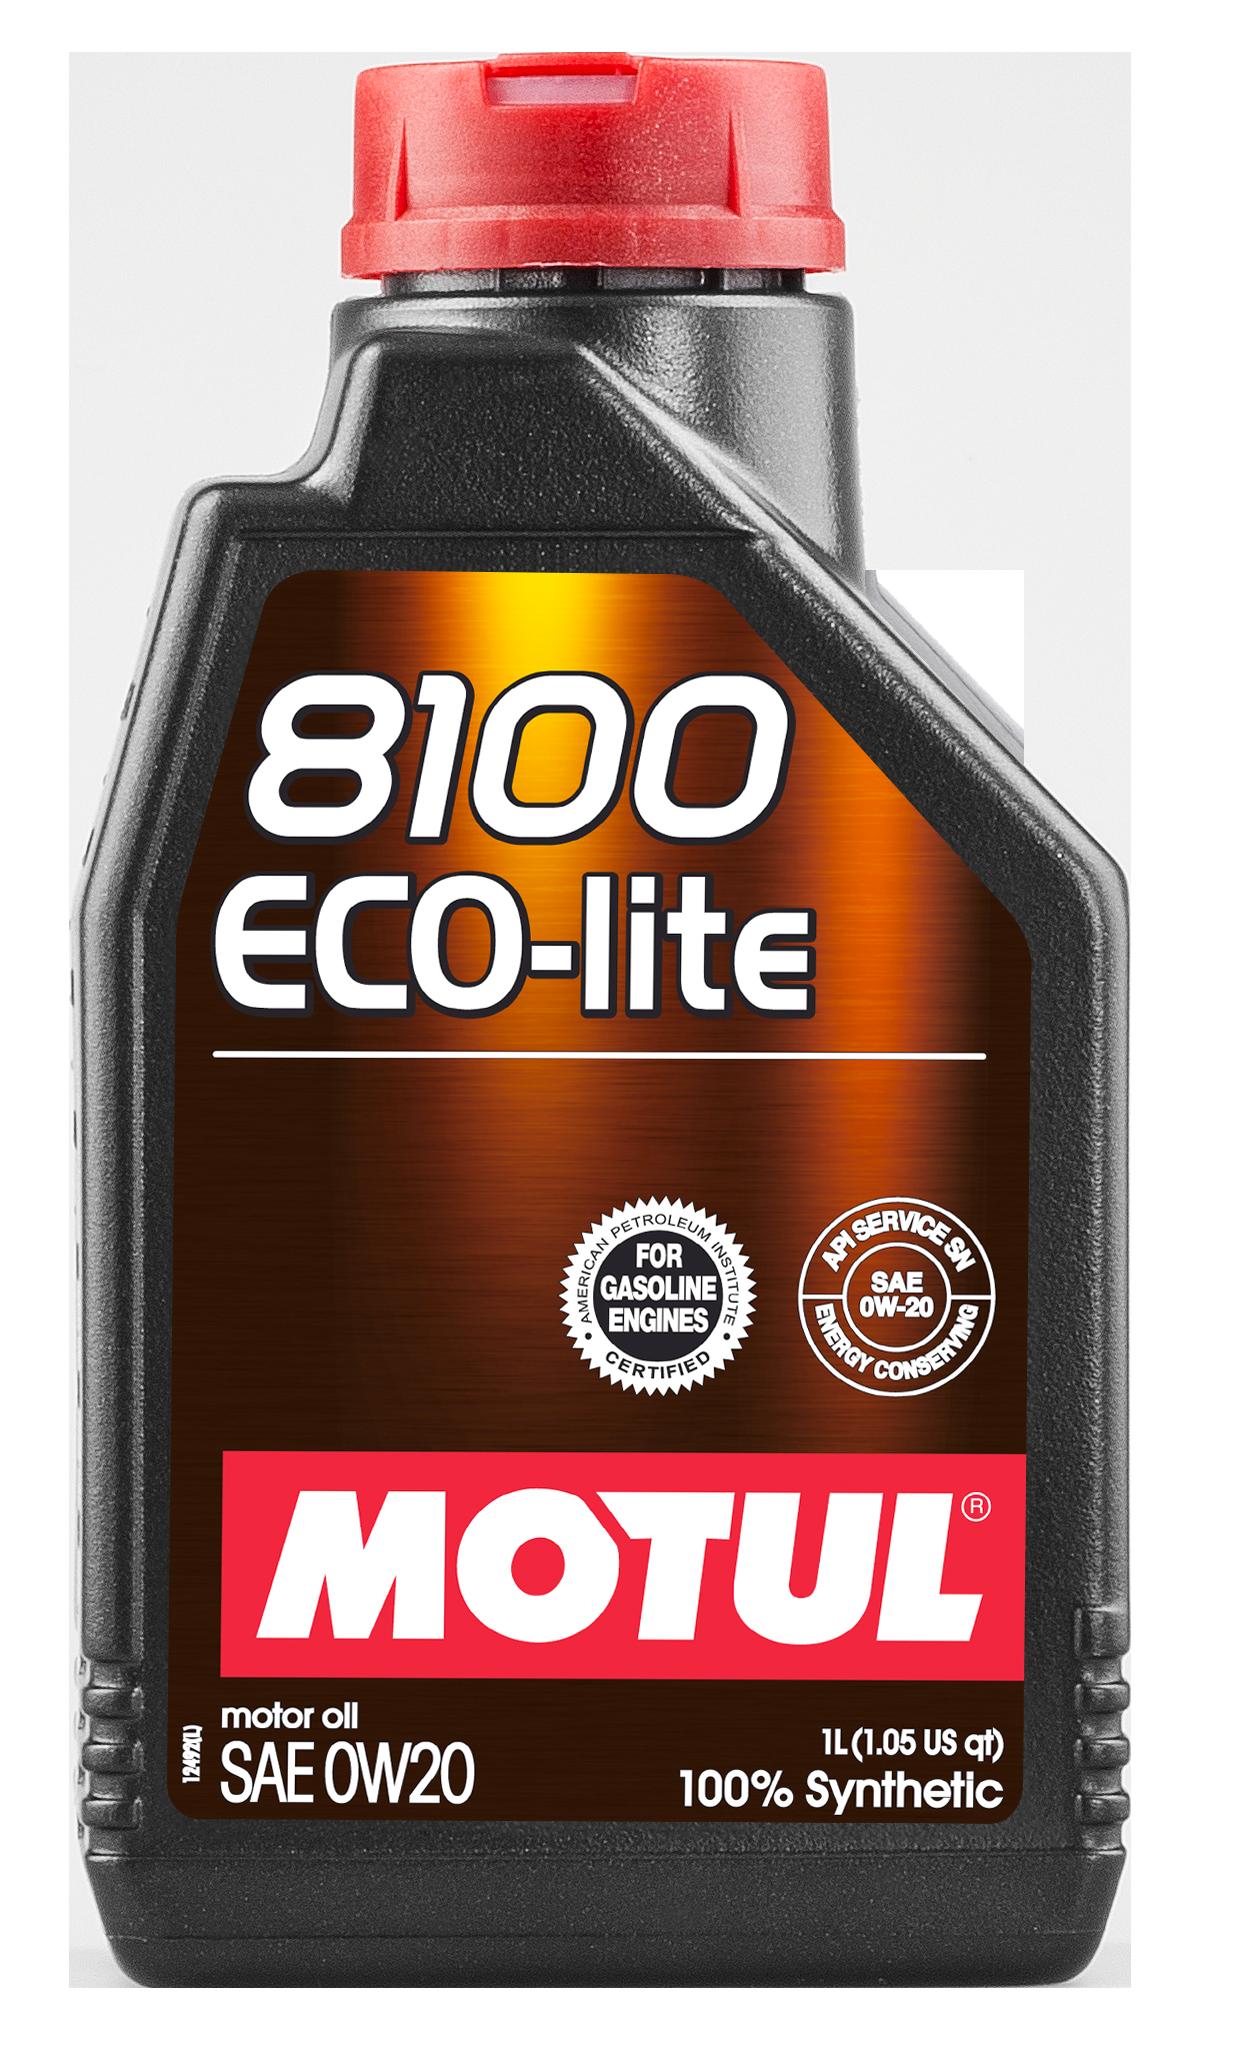 МOTUL 8100 Eco-Lite, 0w-20, моторное масло,  синтетика, 1л, Франция